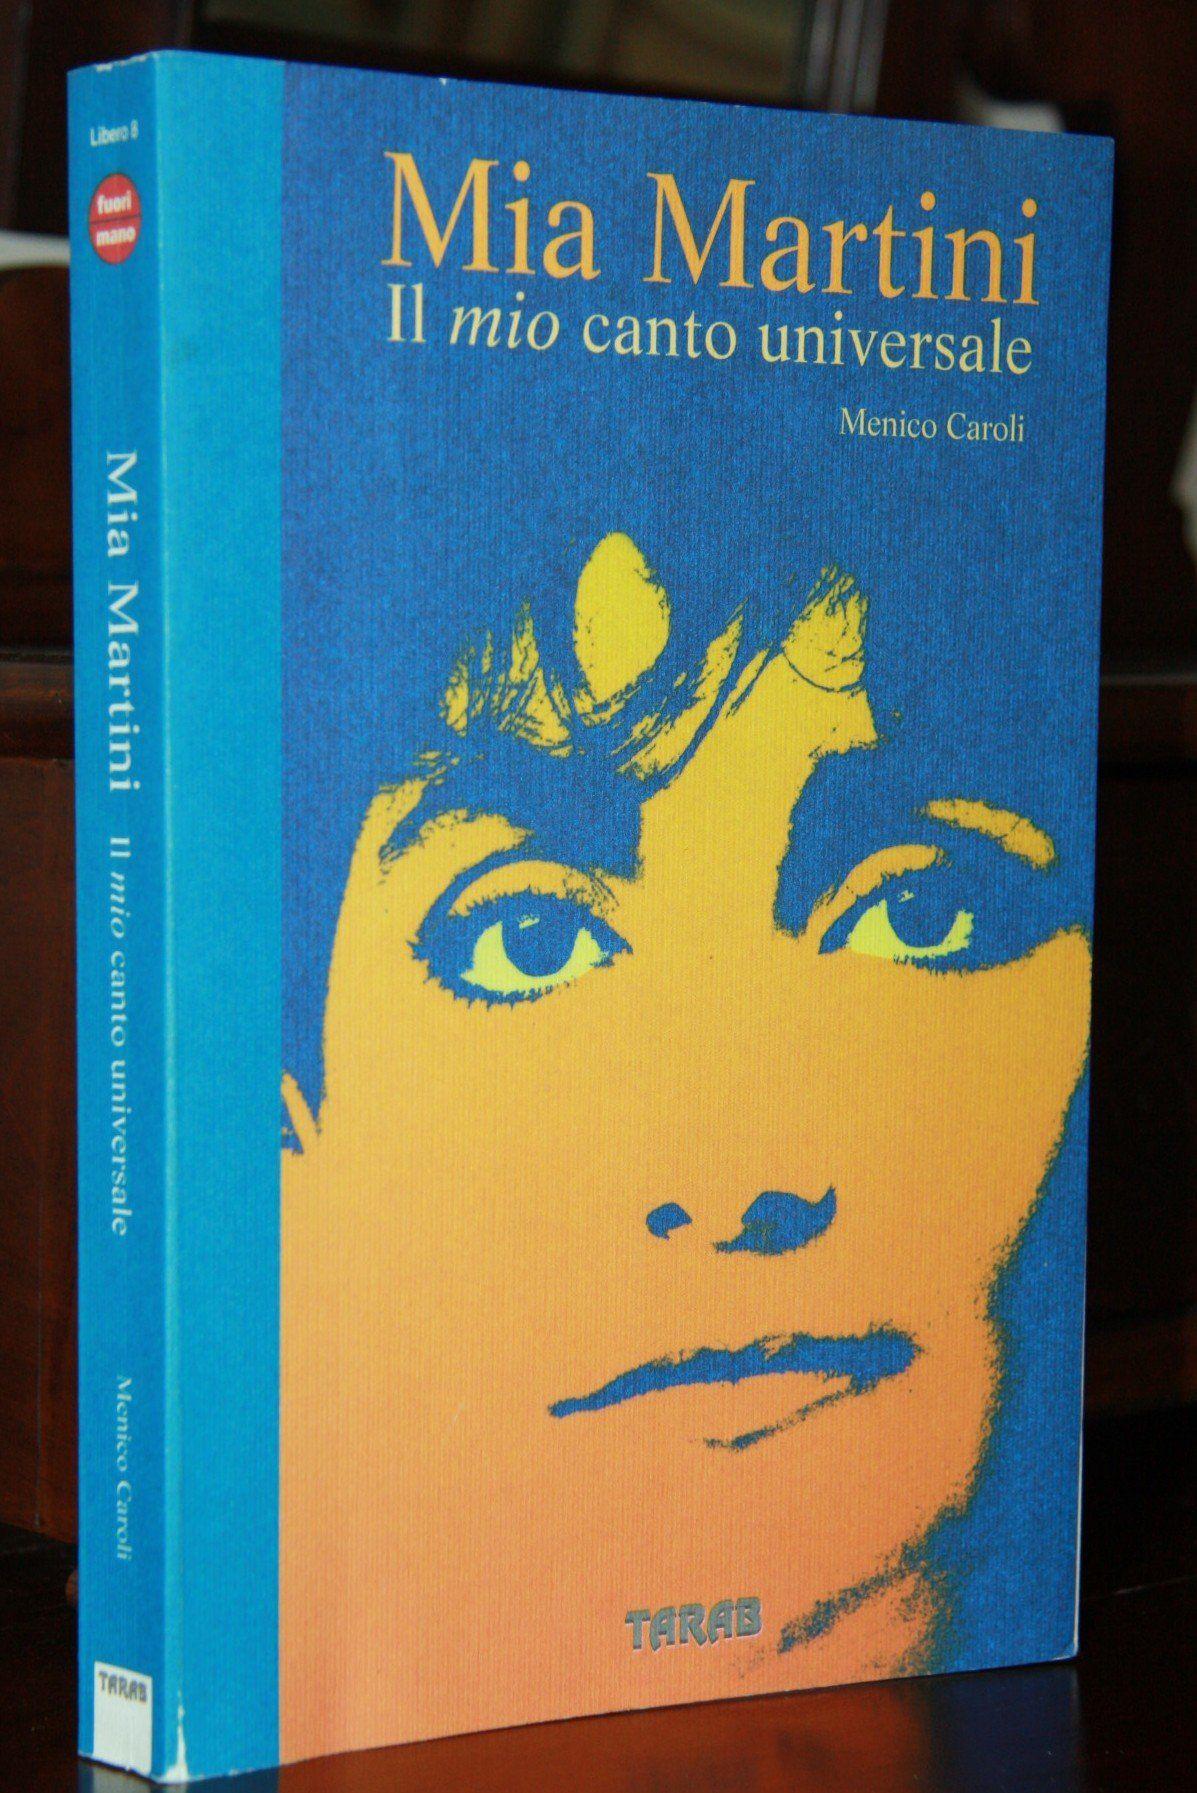 Mia Martini Il Mio Canto Universale Menico Caroli Tarab 1999. 69,90€